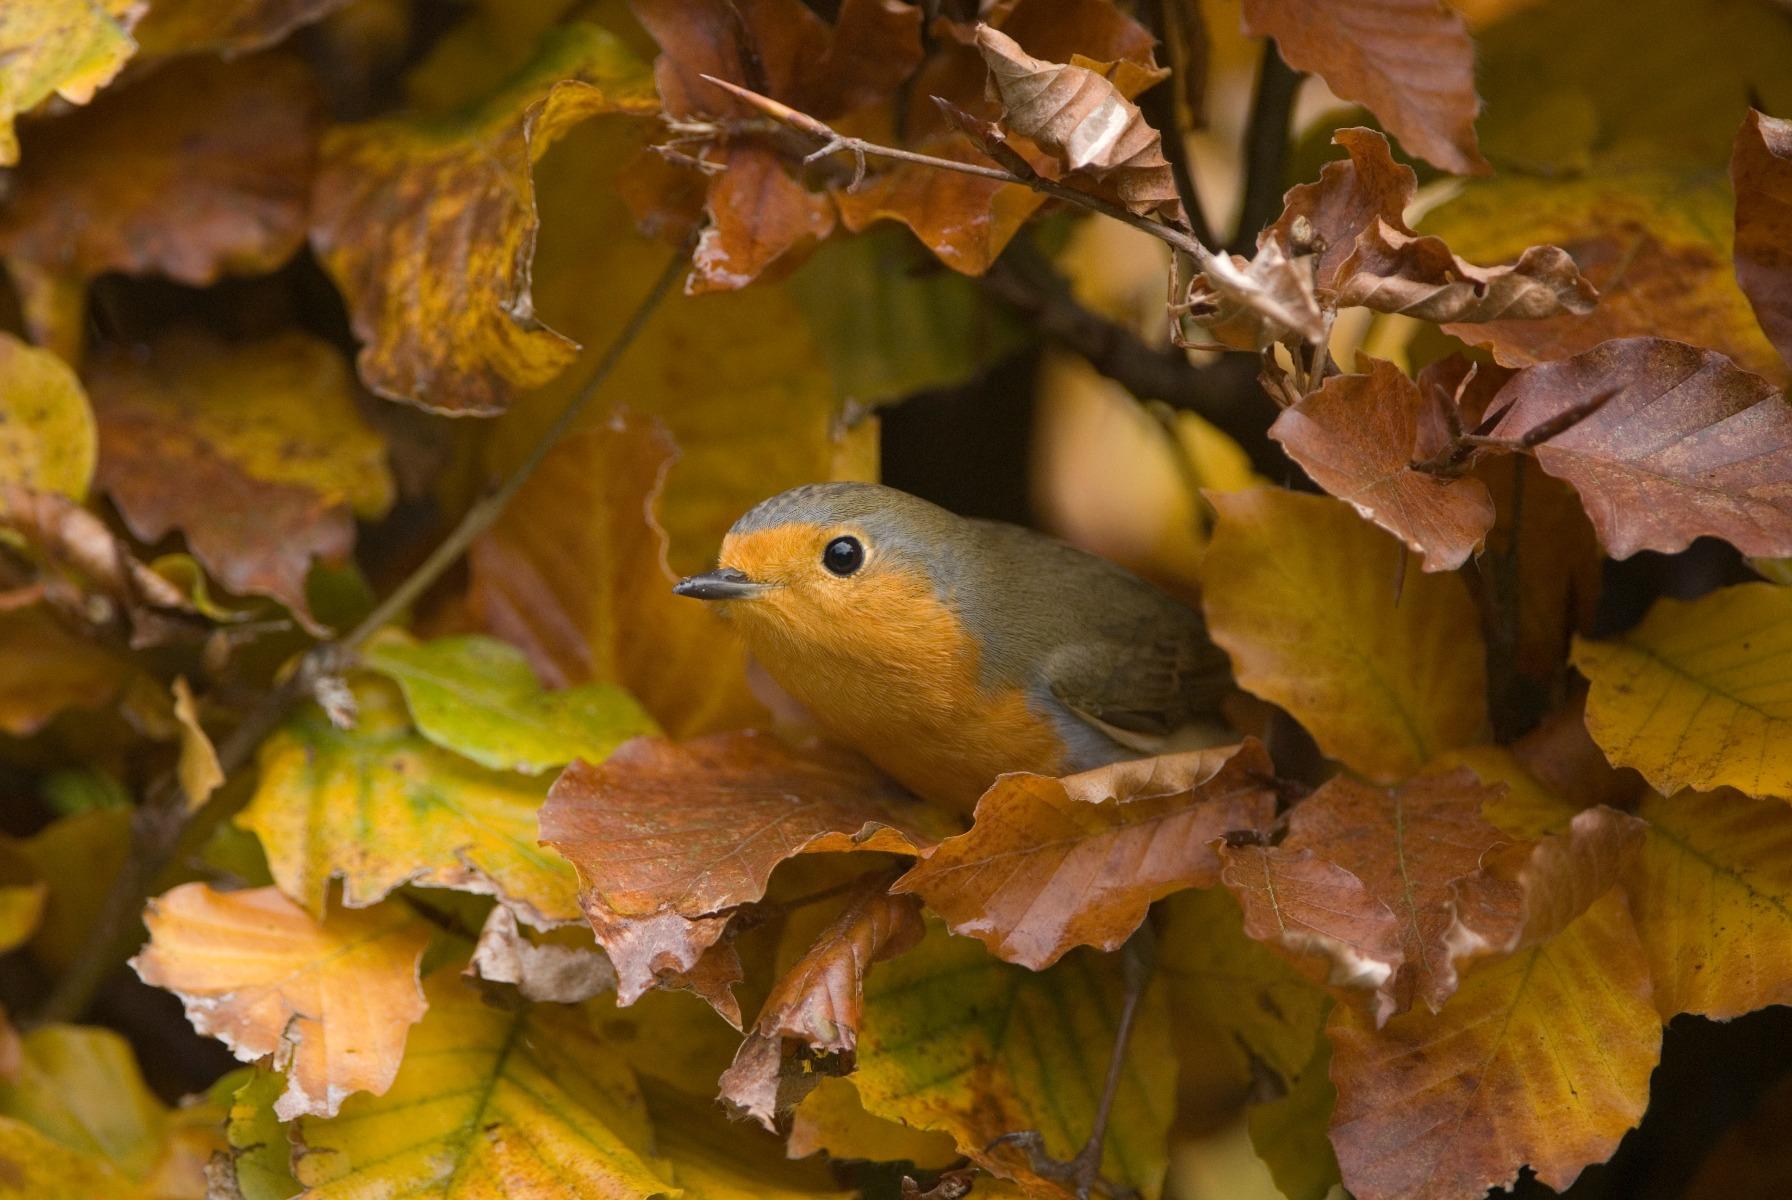 Veiligheid in een vogelvriendelijke tuin